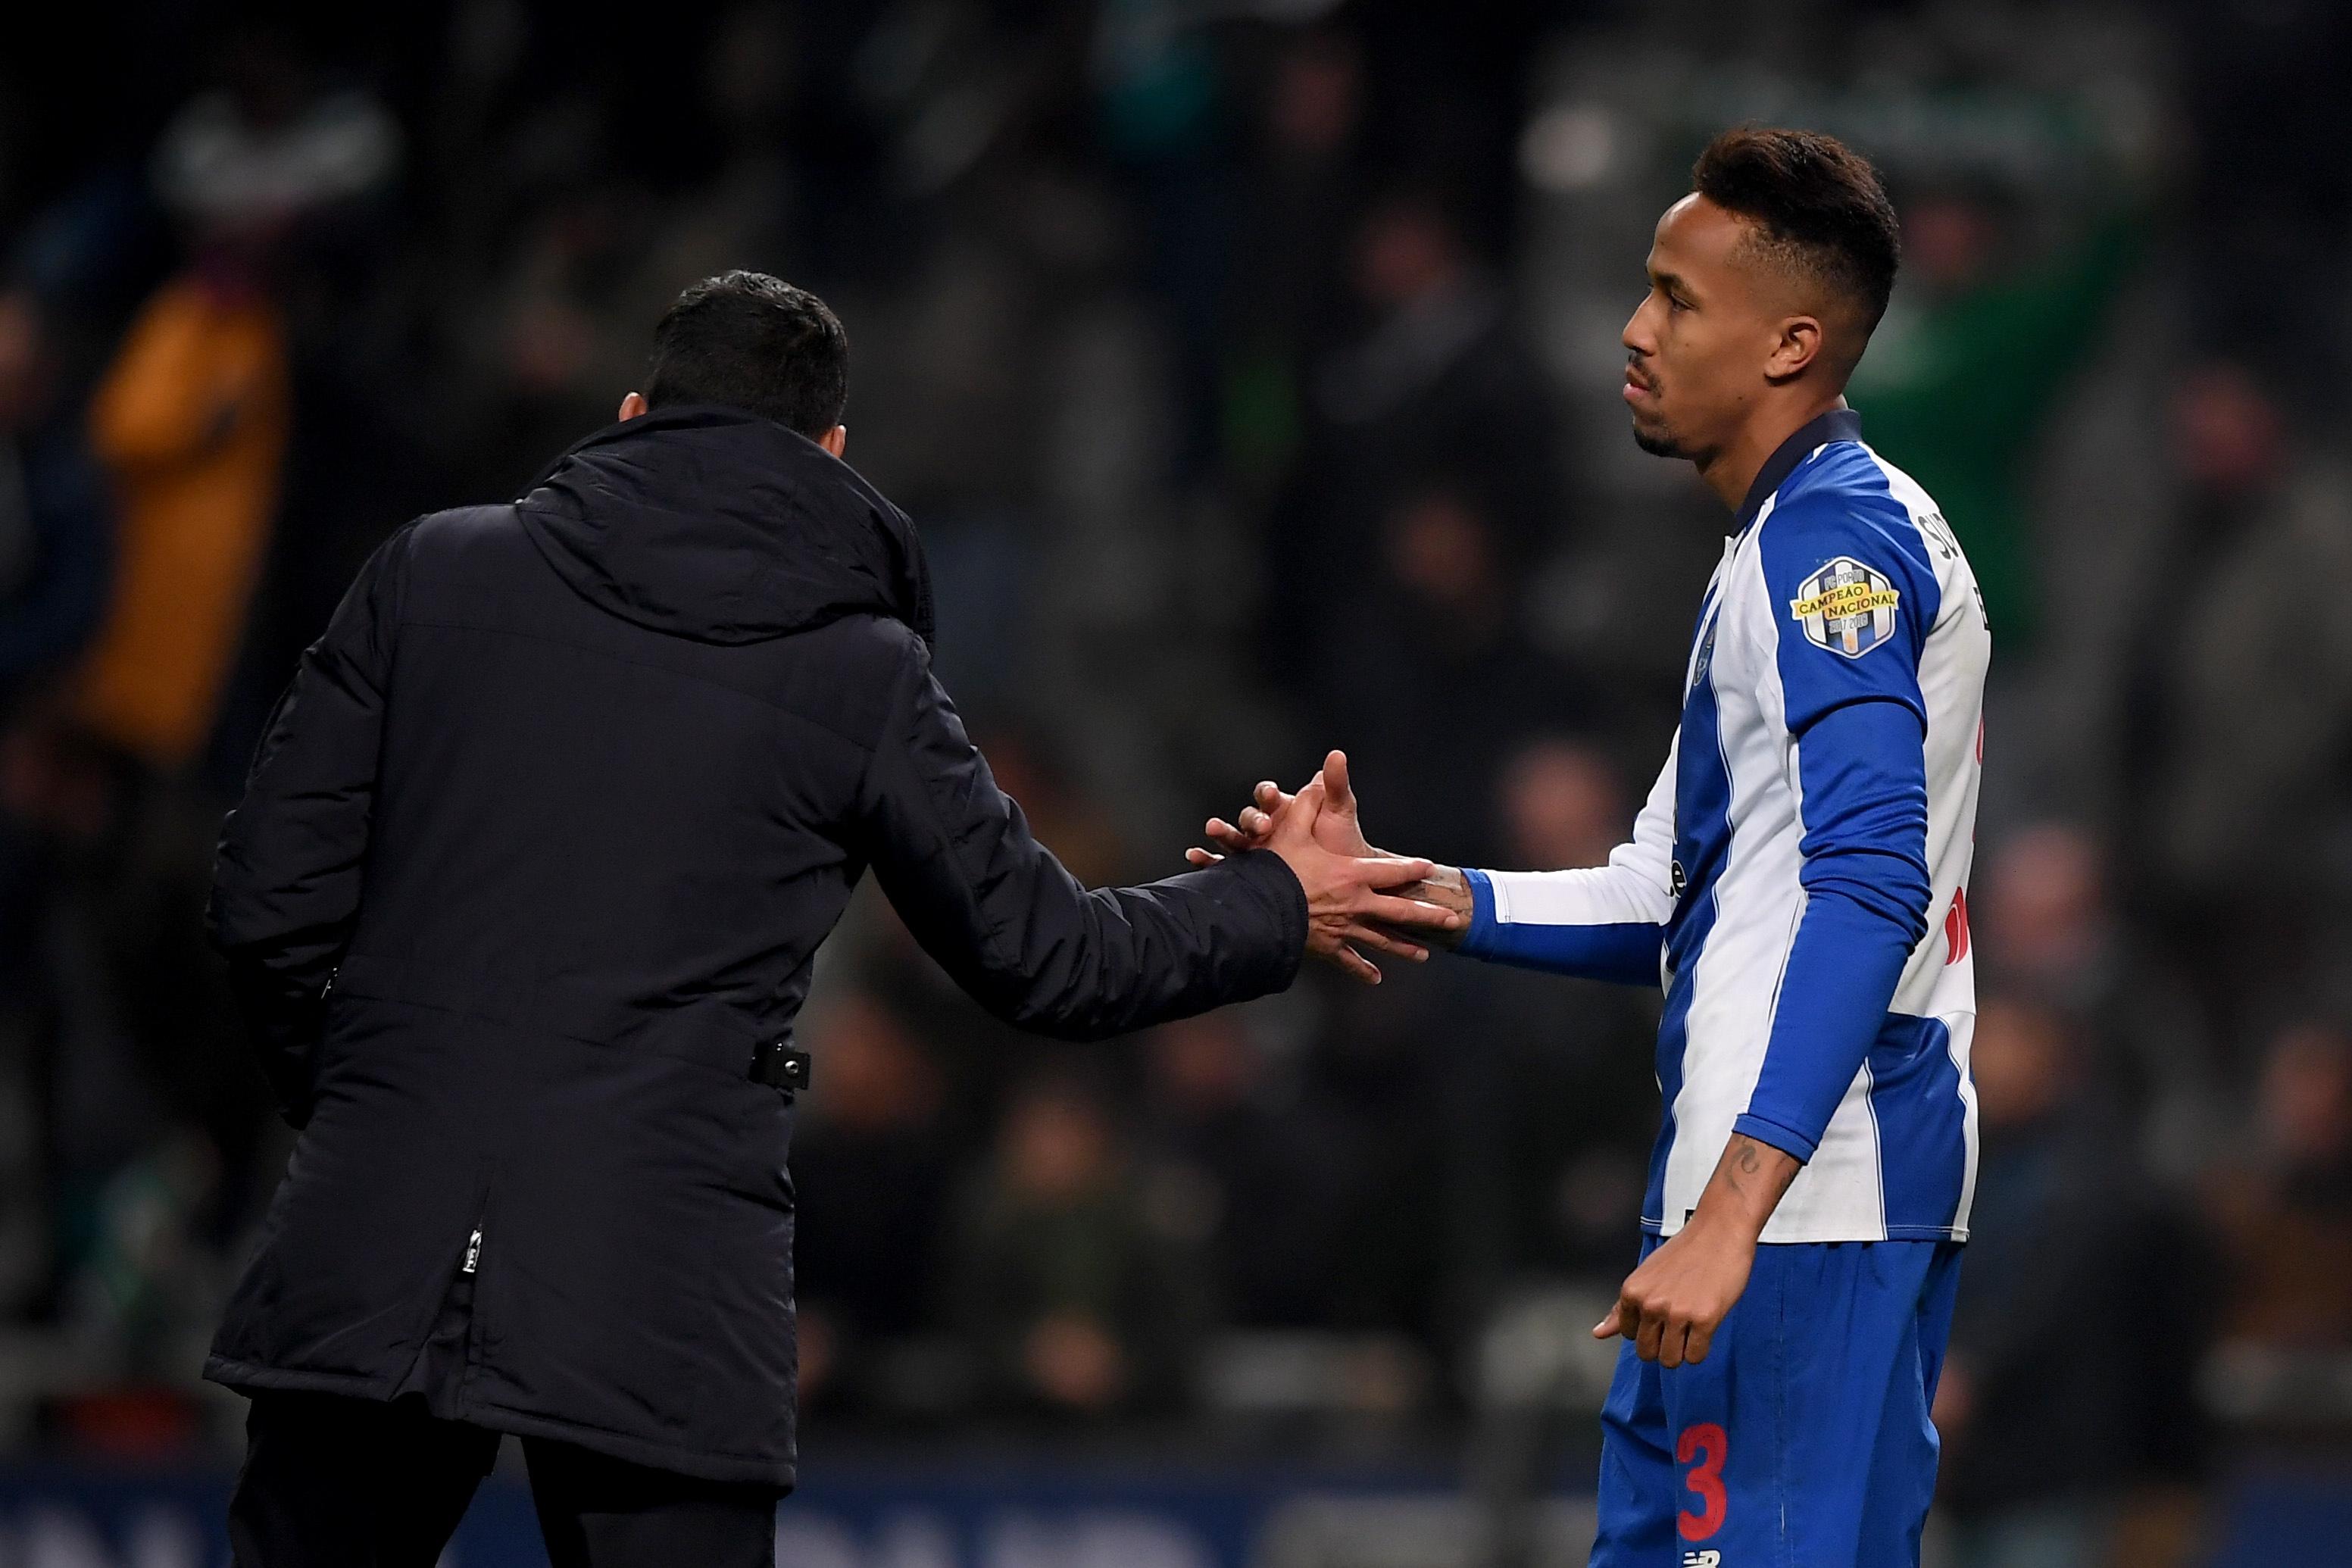 Eder Militão está de saída do FC Porto  muda-se para Madrid no final da  época a troco de 50 milhões de euros.Hugo Delgado EPA 15f81894e187e